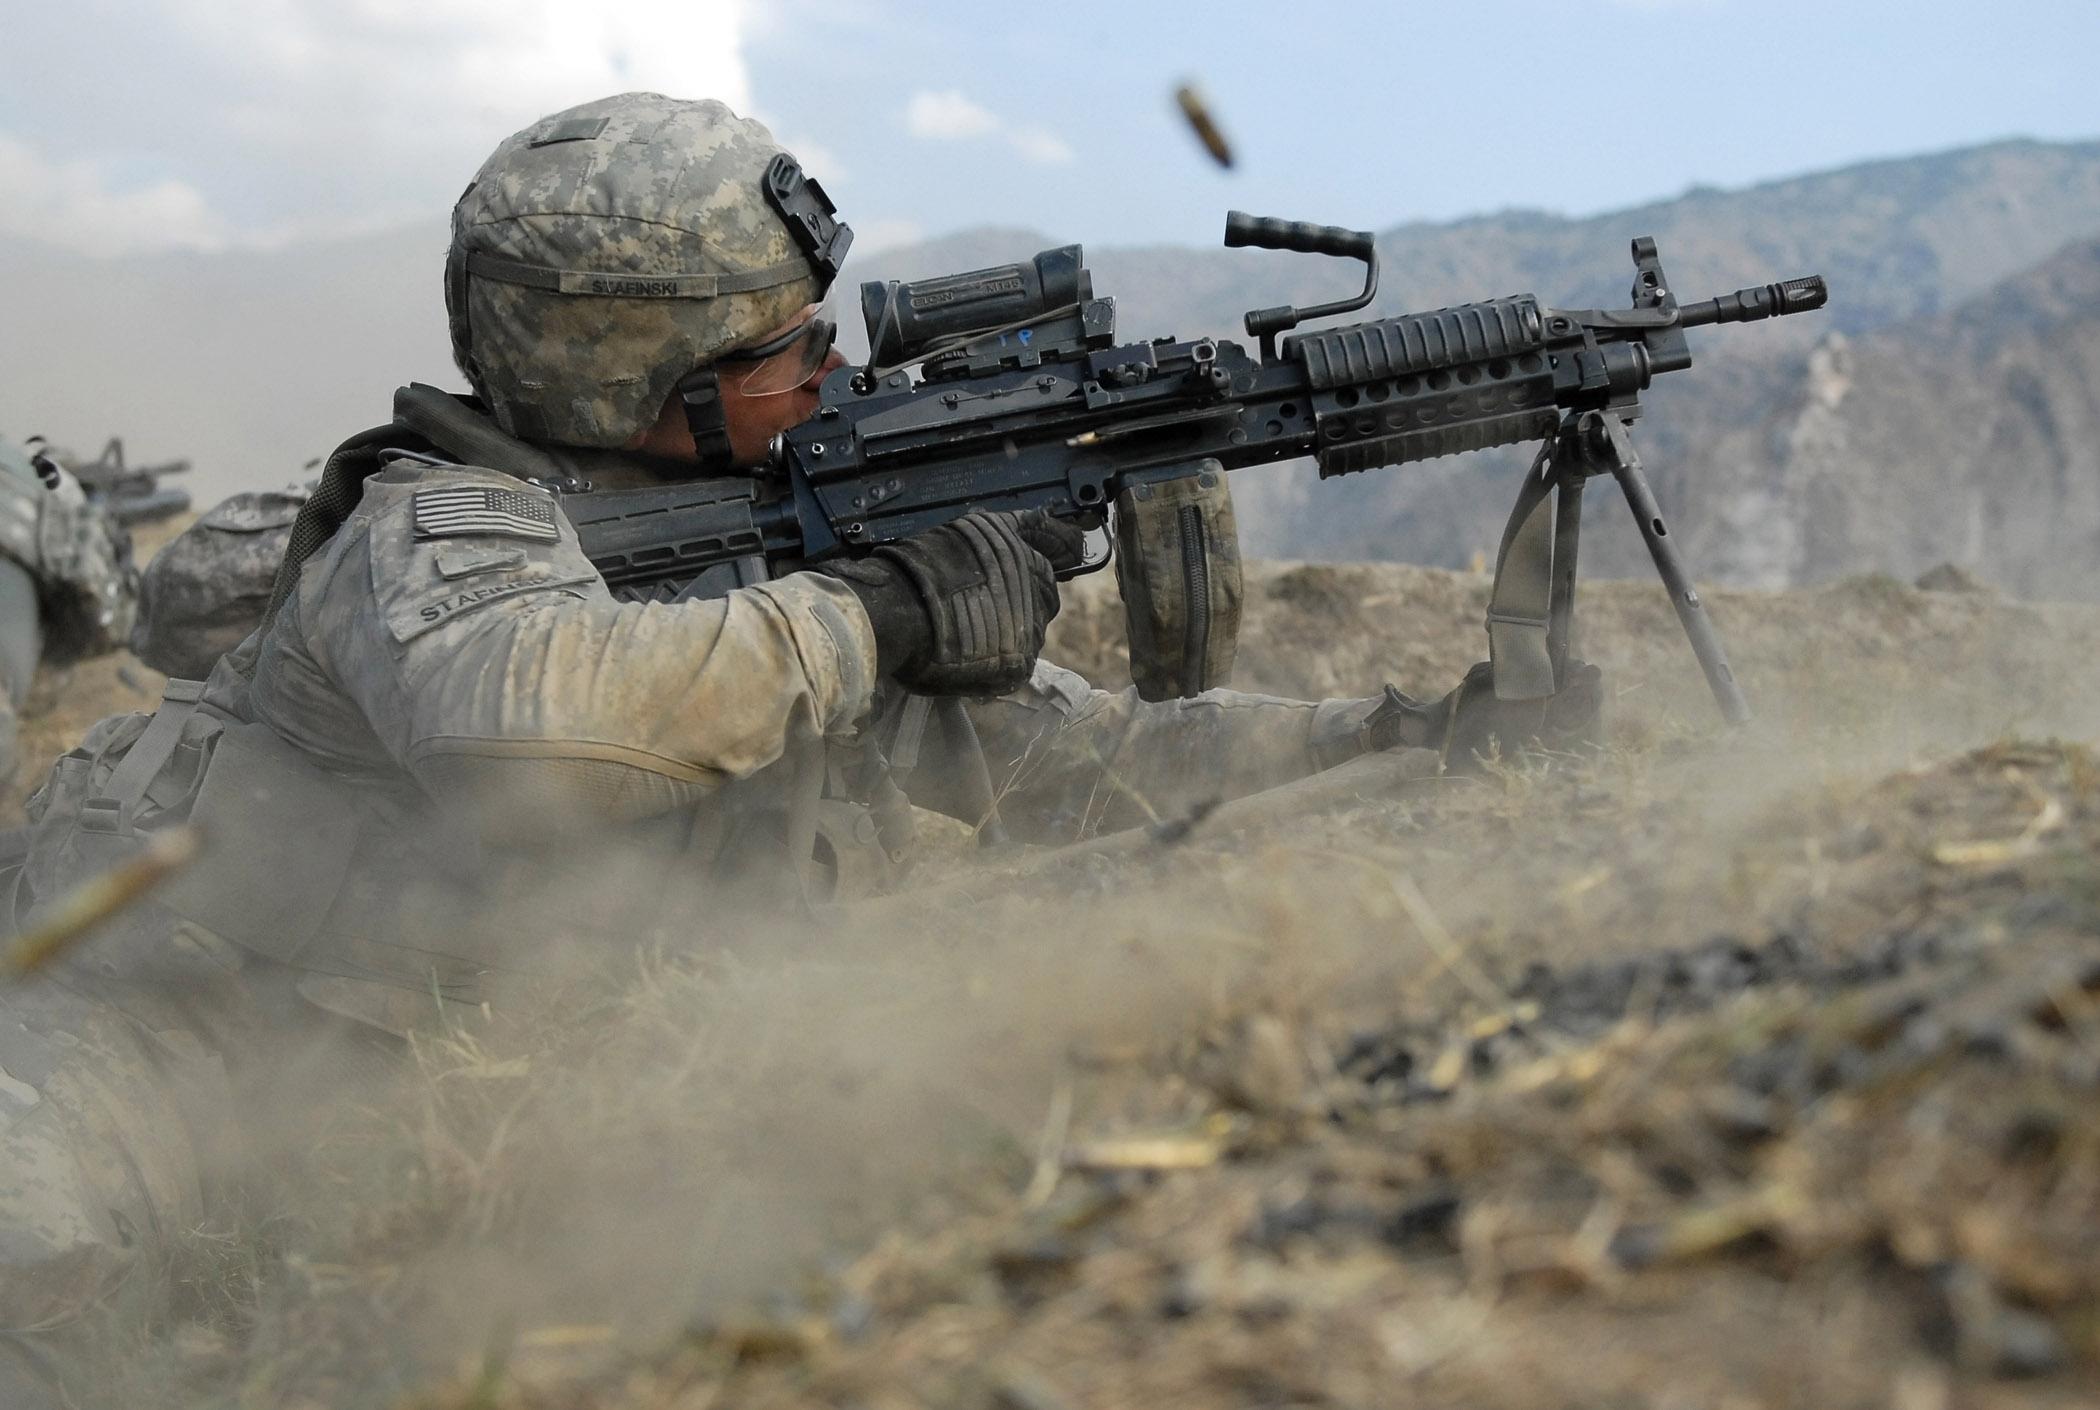 Amérique sous la coupe de son armée